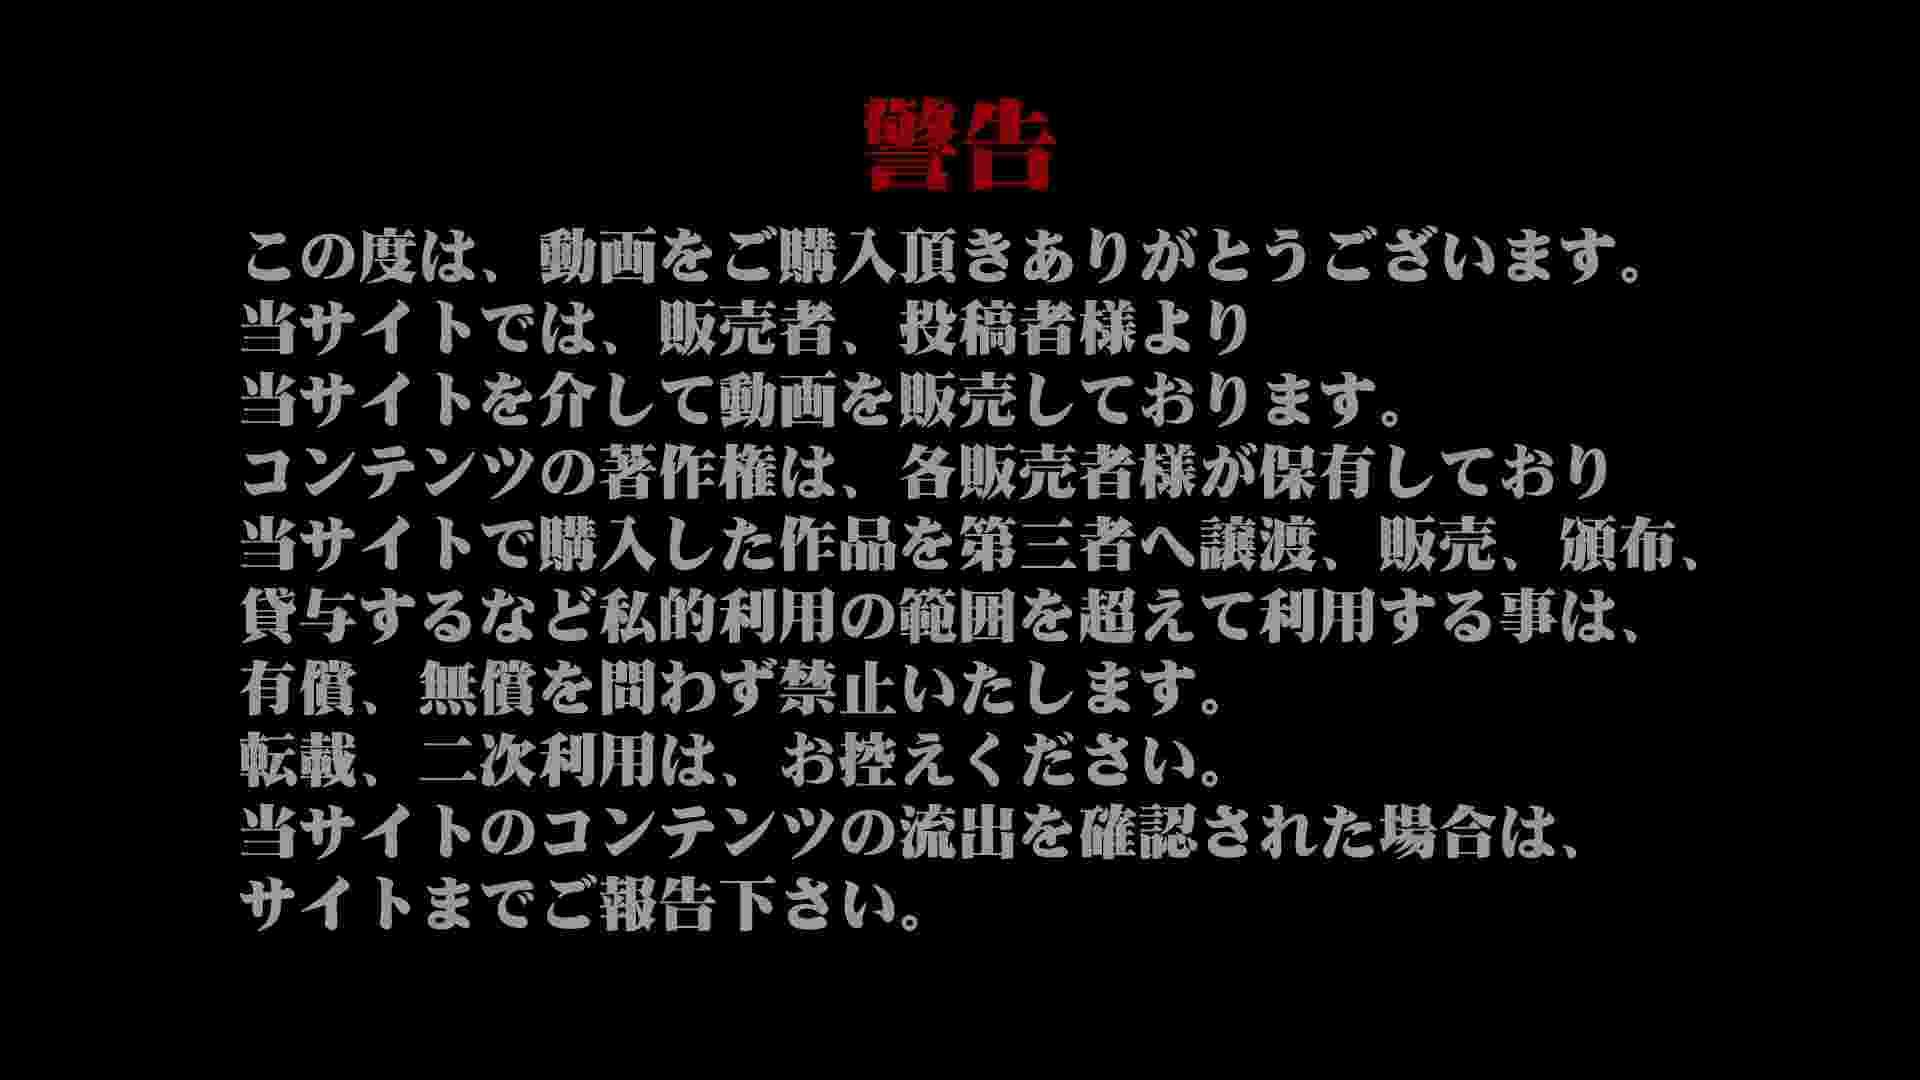 芸術大学ガチ潜入盗撮 JD盗撮 美女の洗面所の秘密 Vol.81 盗撮  62PIX 4